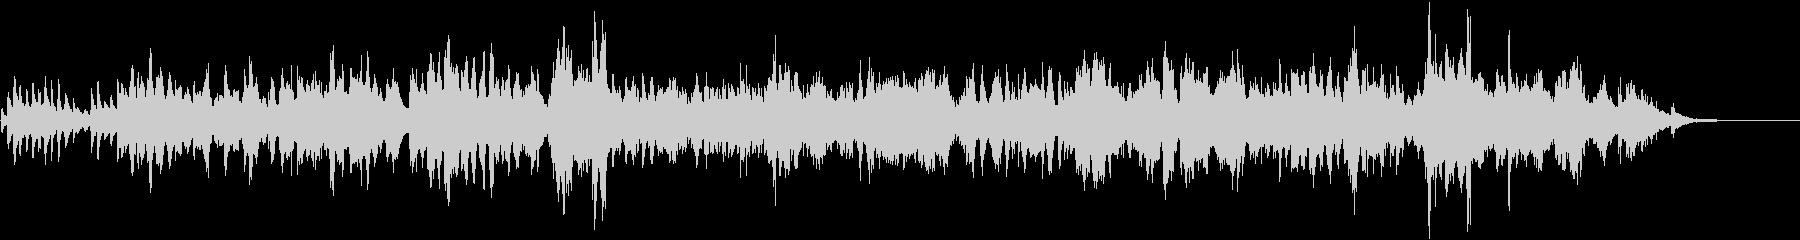 バイオリンとピアノの優しいワルツ生演奏の未再生の波形